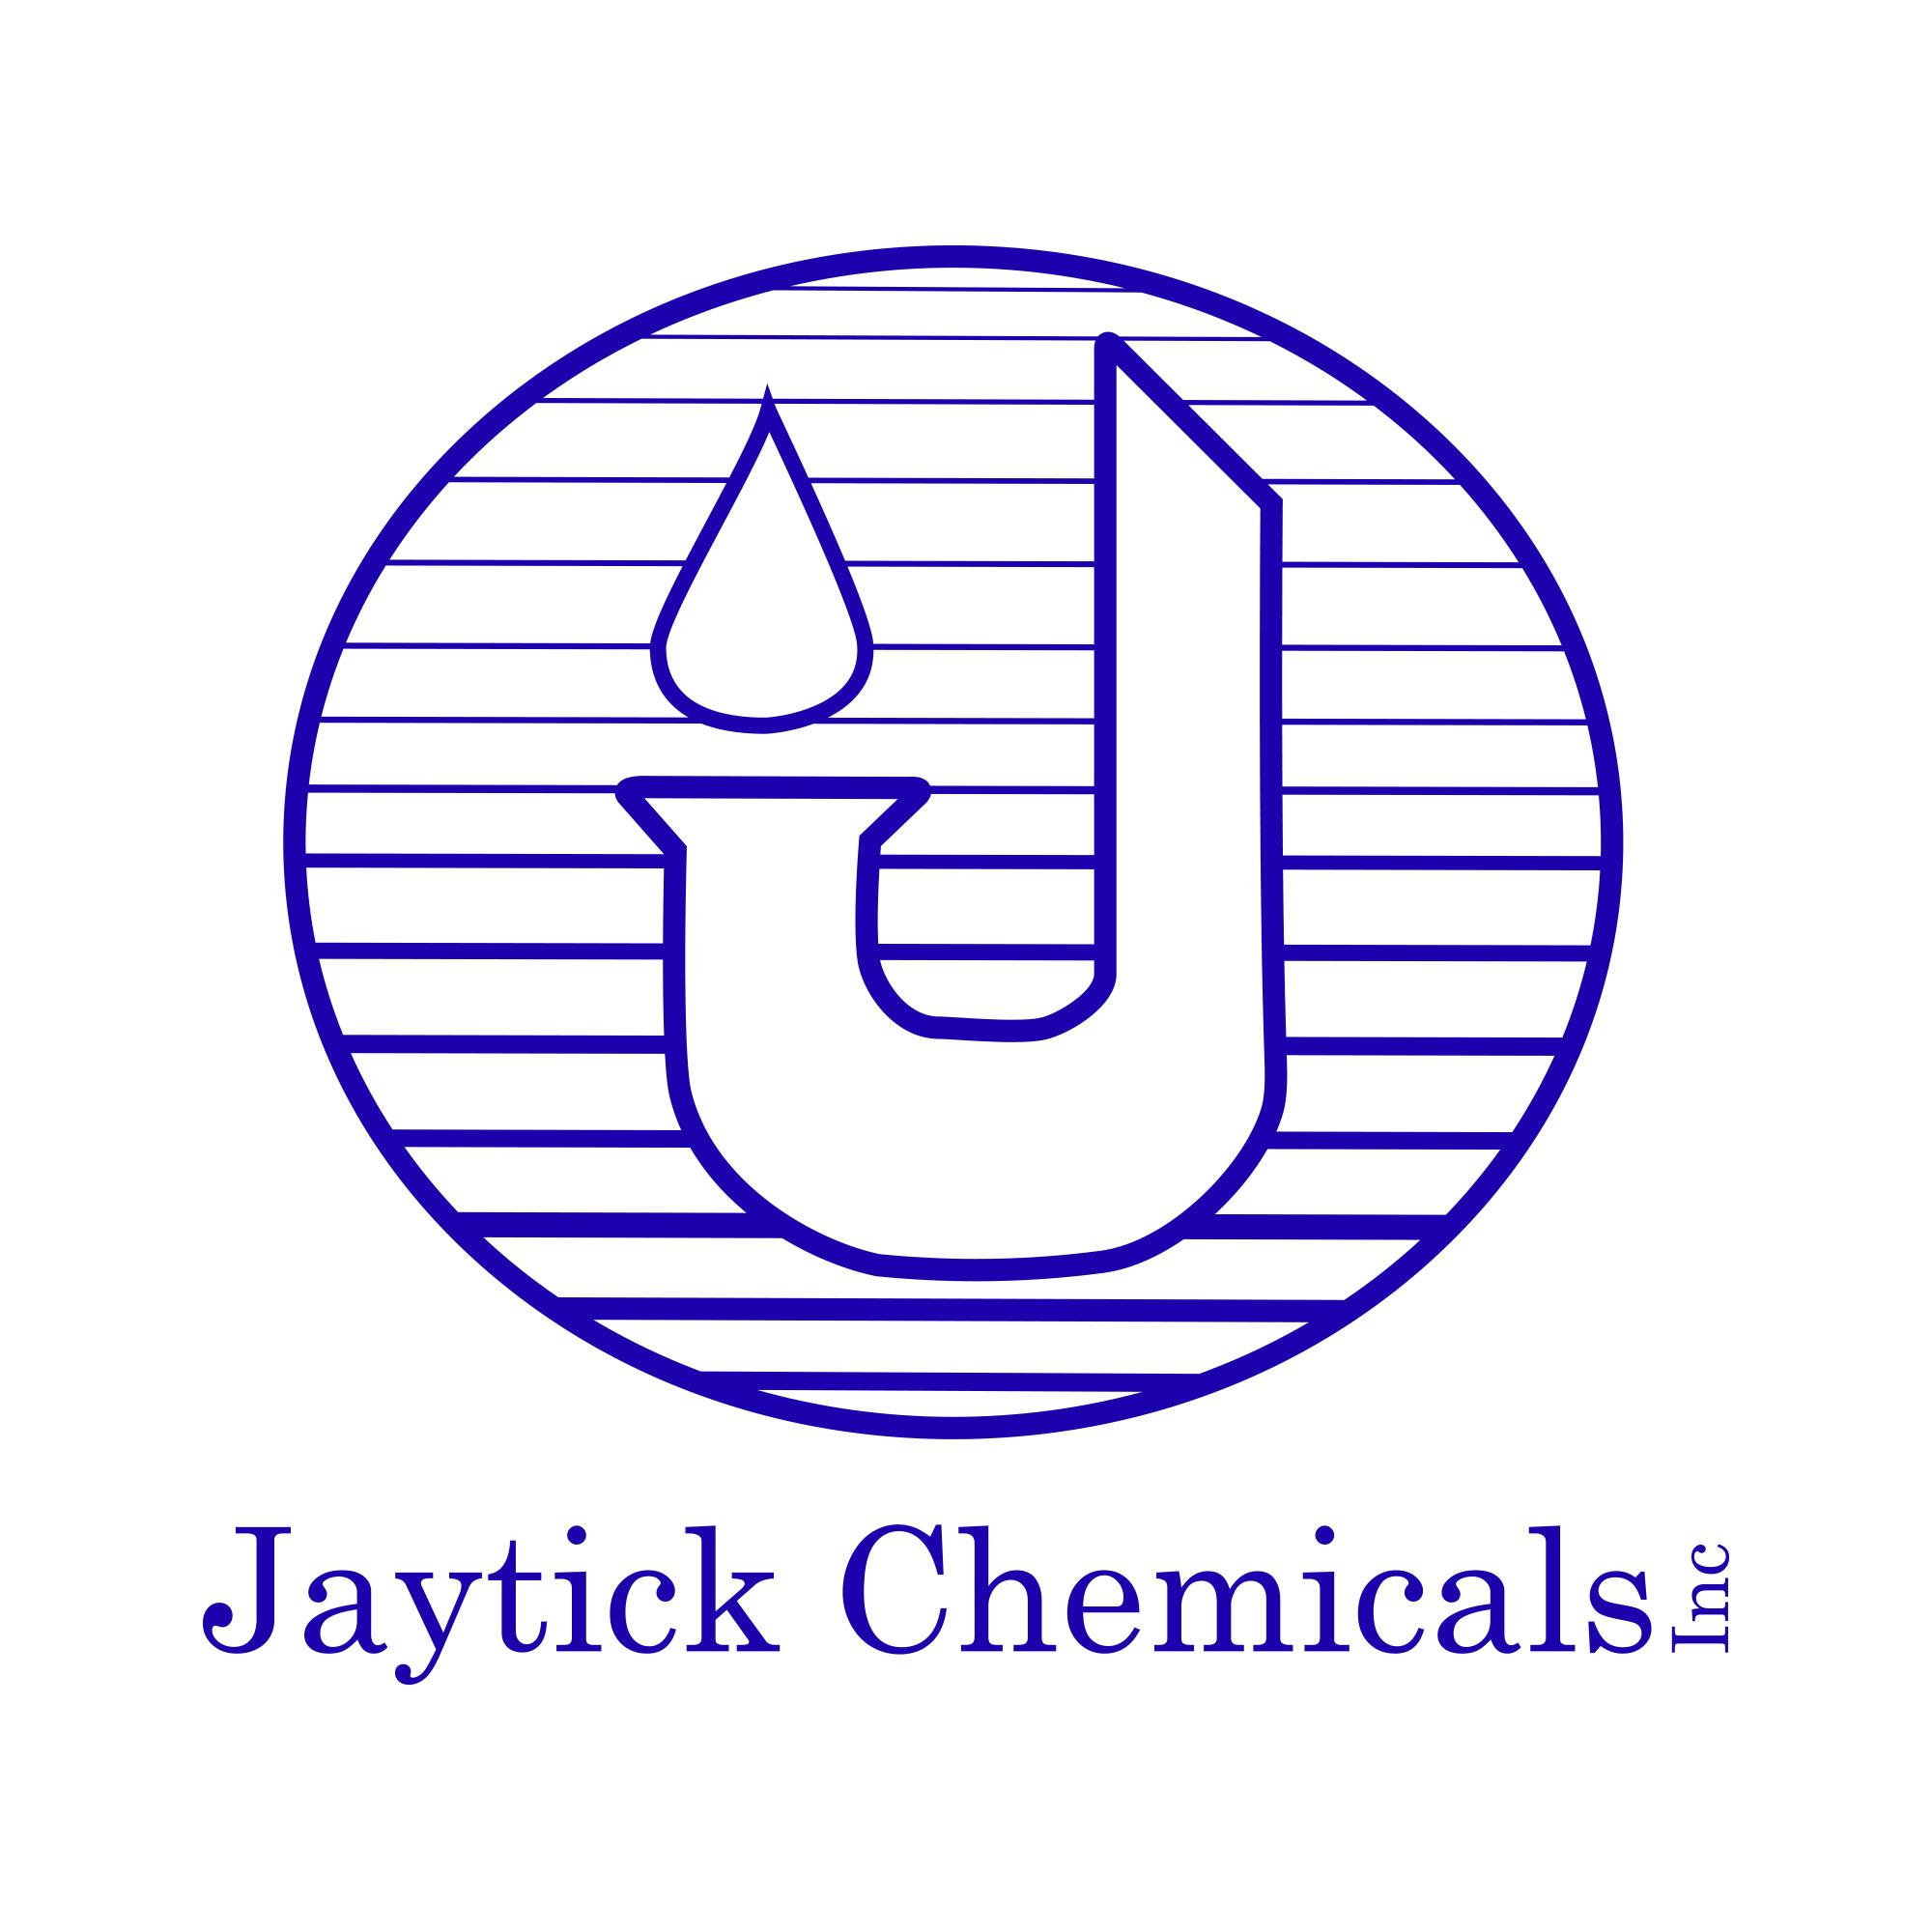 Jaytick Chemicals